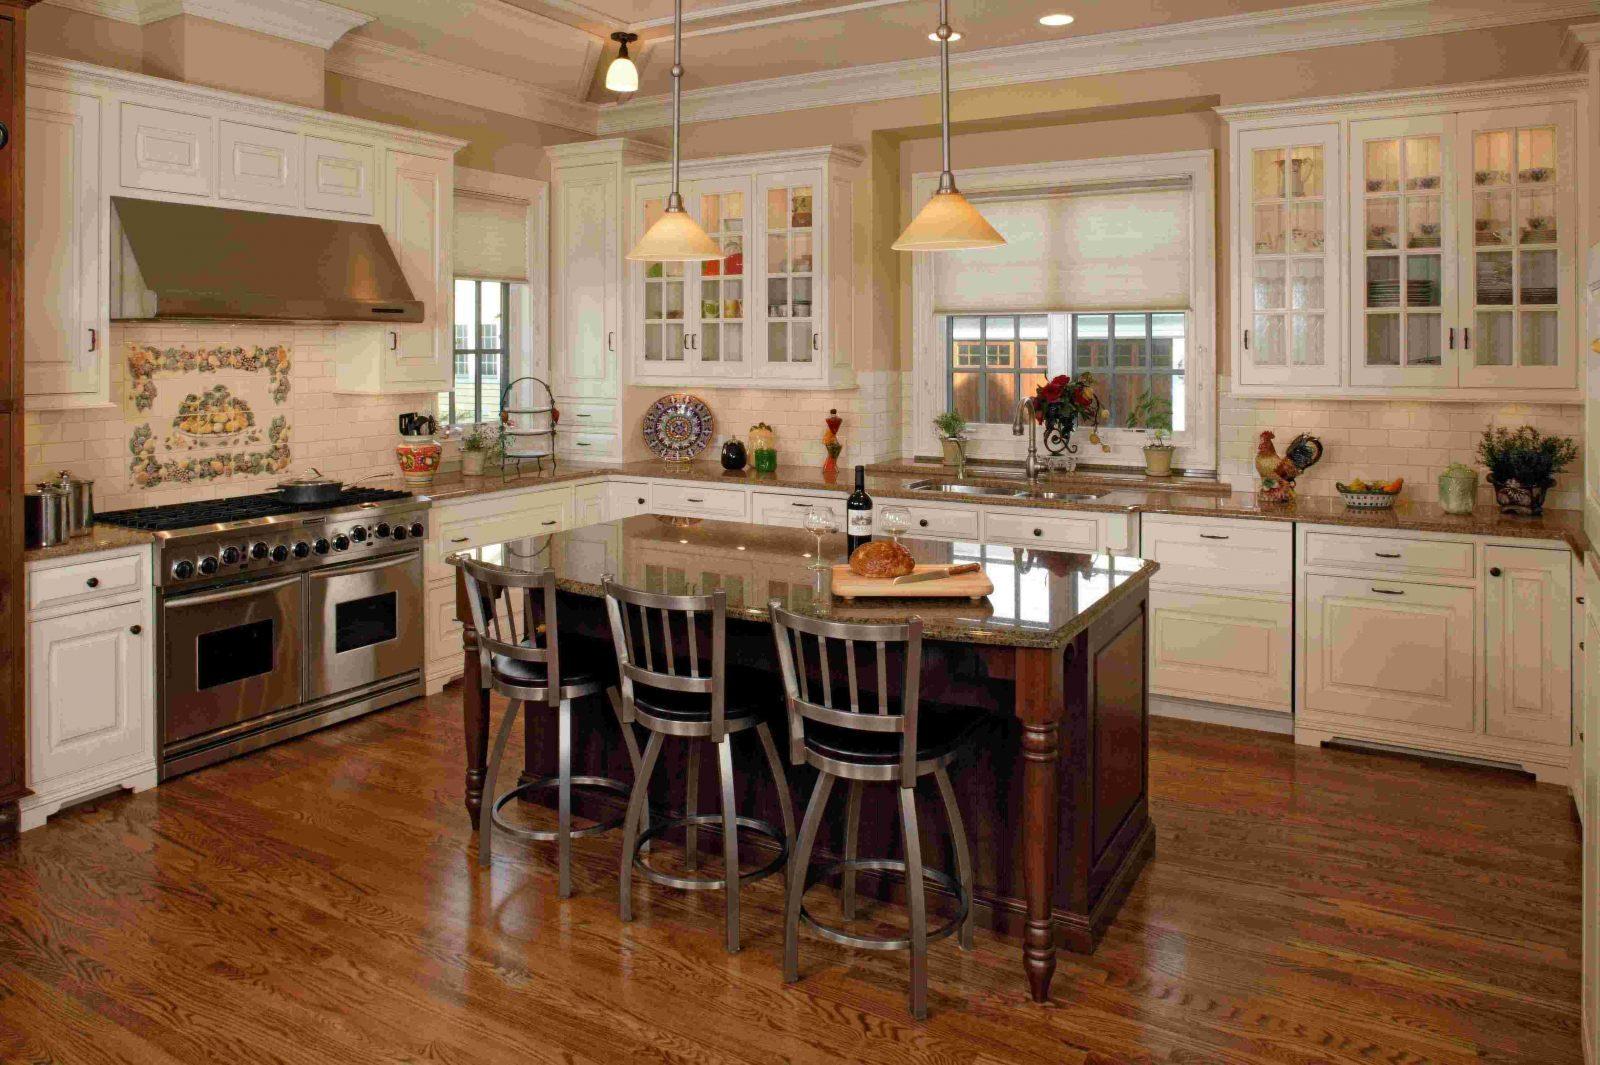 Cocina r stica con muebles de madera im genes y fotos for Muebles de cocina practicos